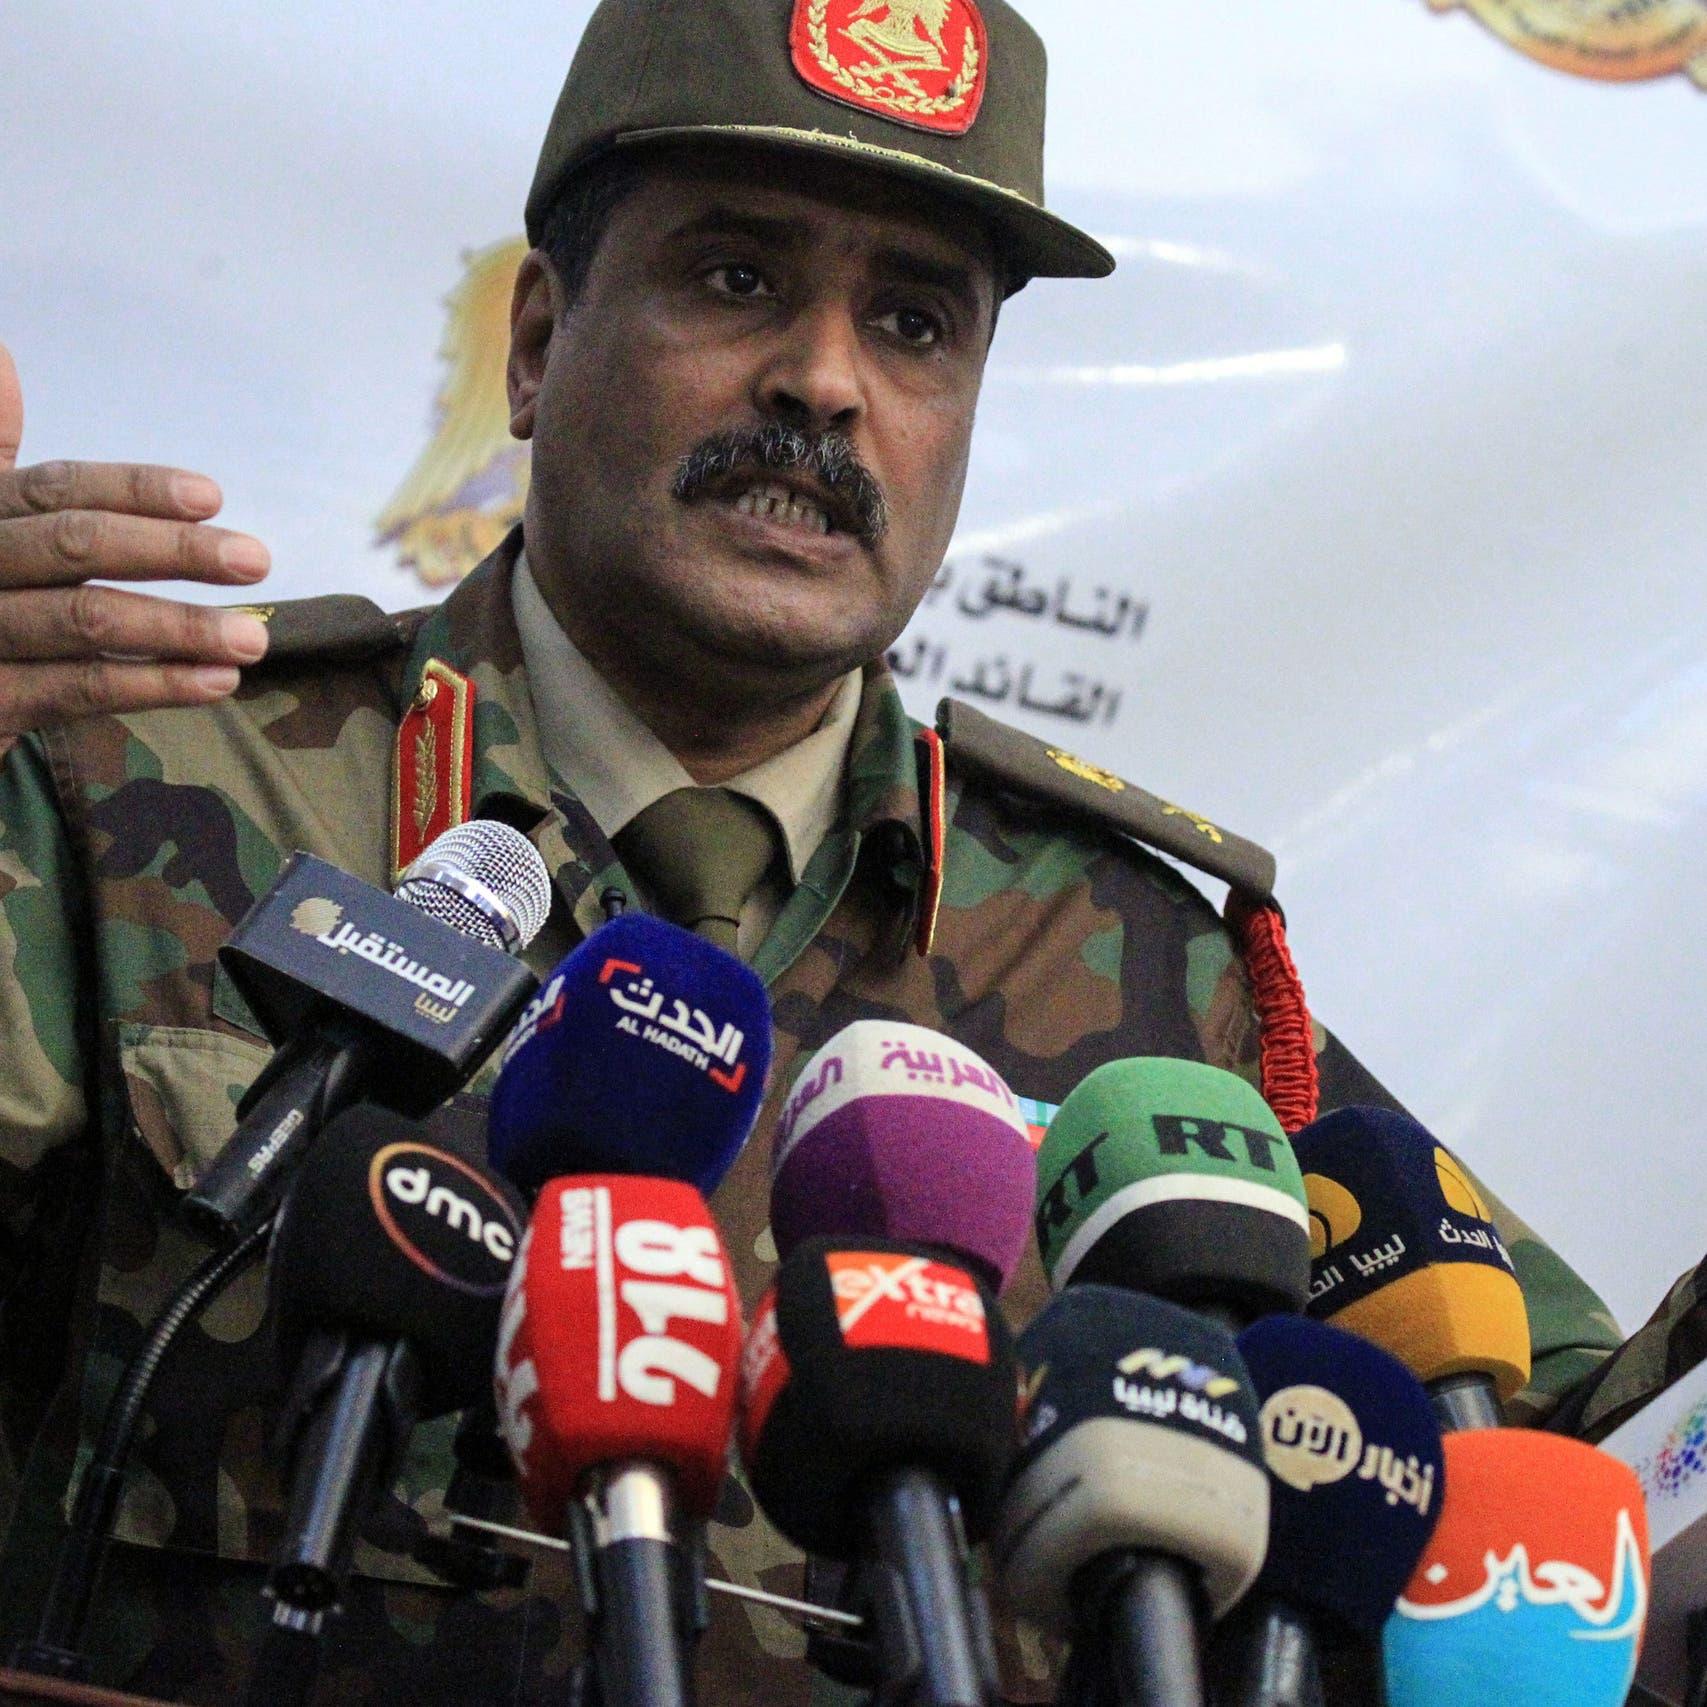 المسماري: رصدنا مناورة حربية تركية بإقليم طرابلس البحري